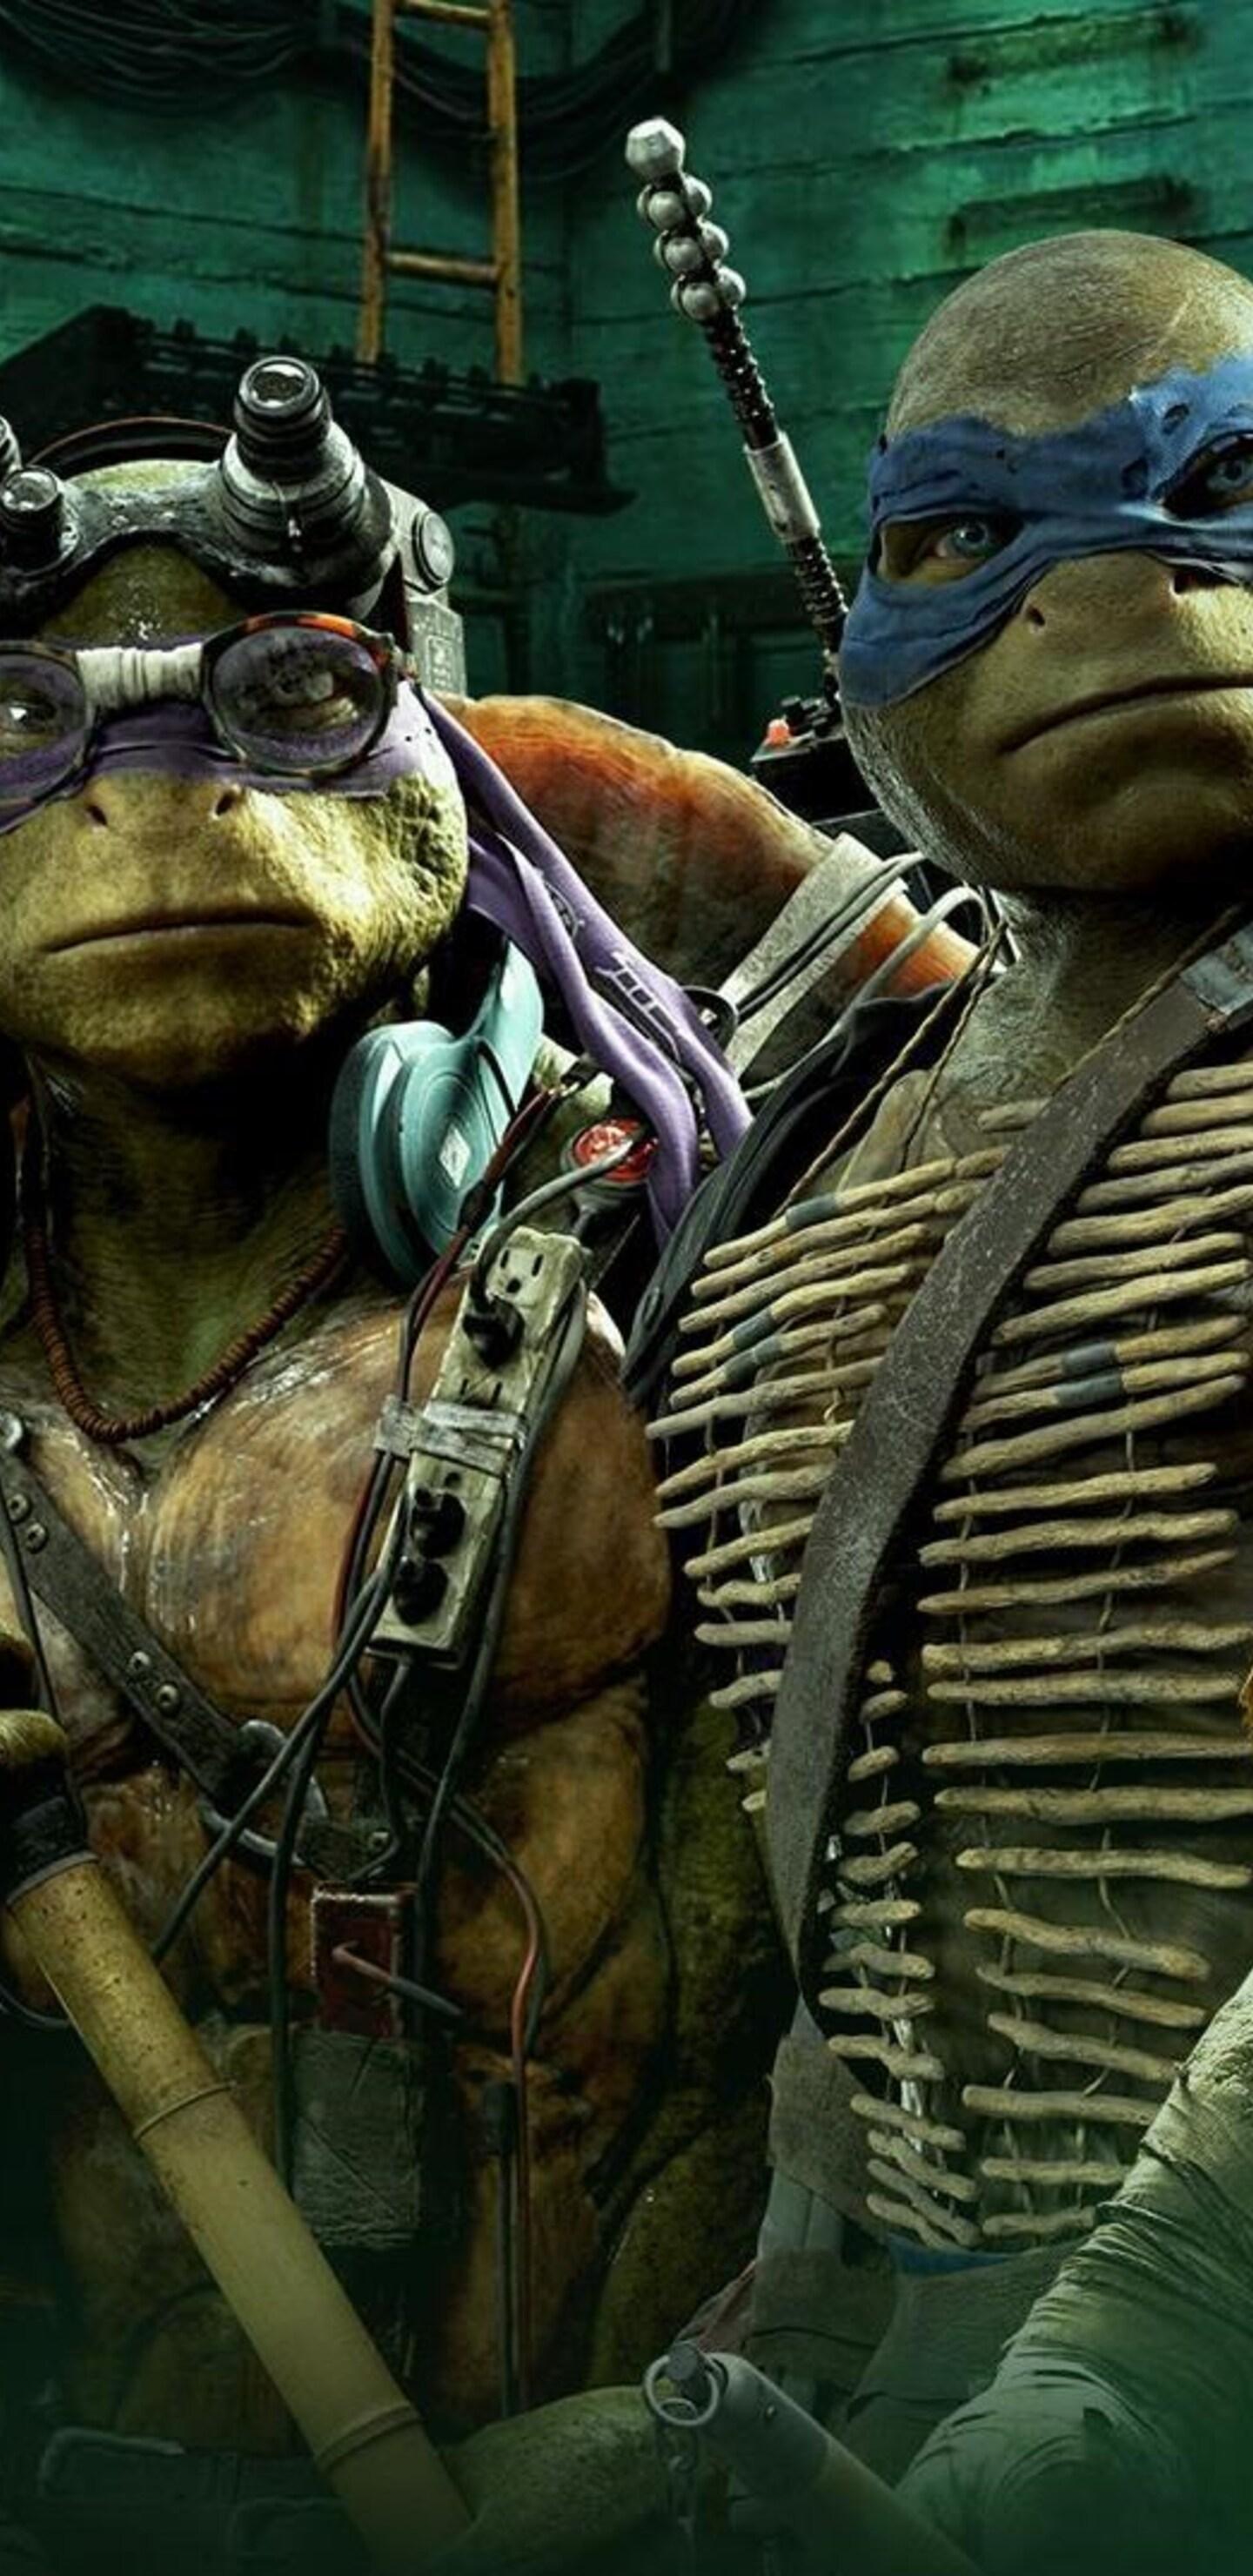 teenage-mutant-ninja-turtles-movie-villains-4k.jpg